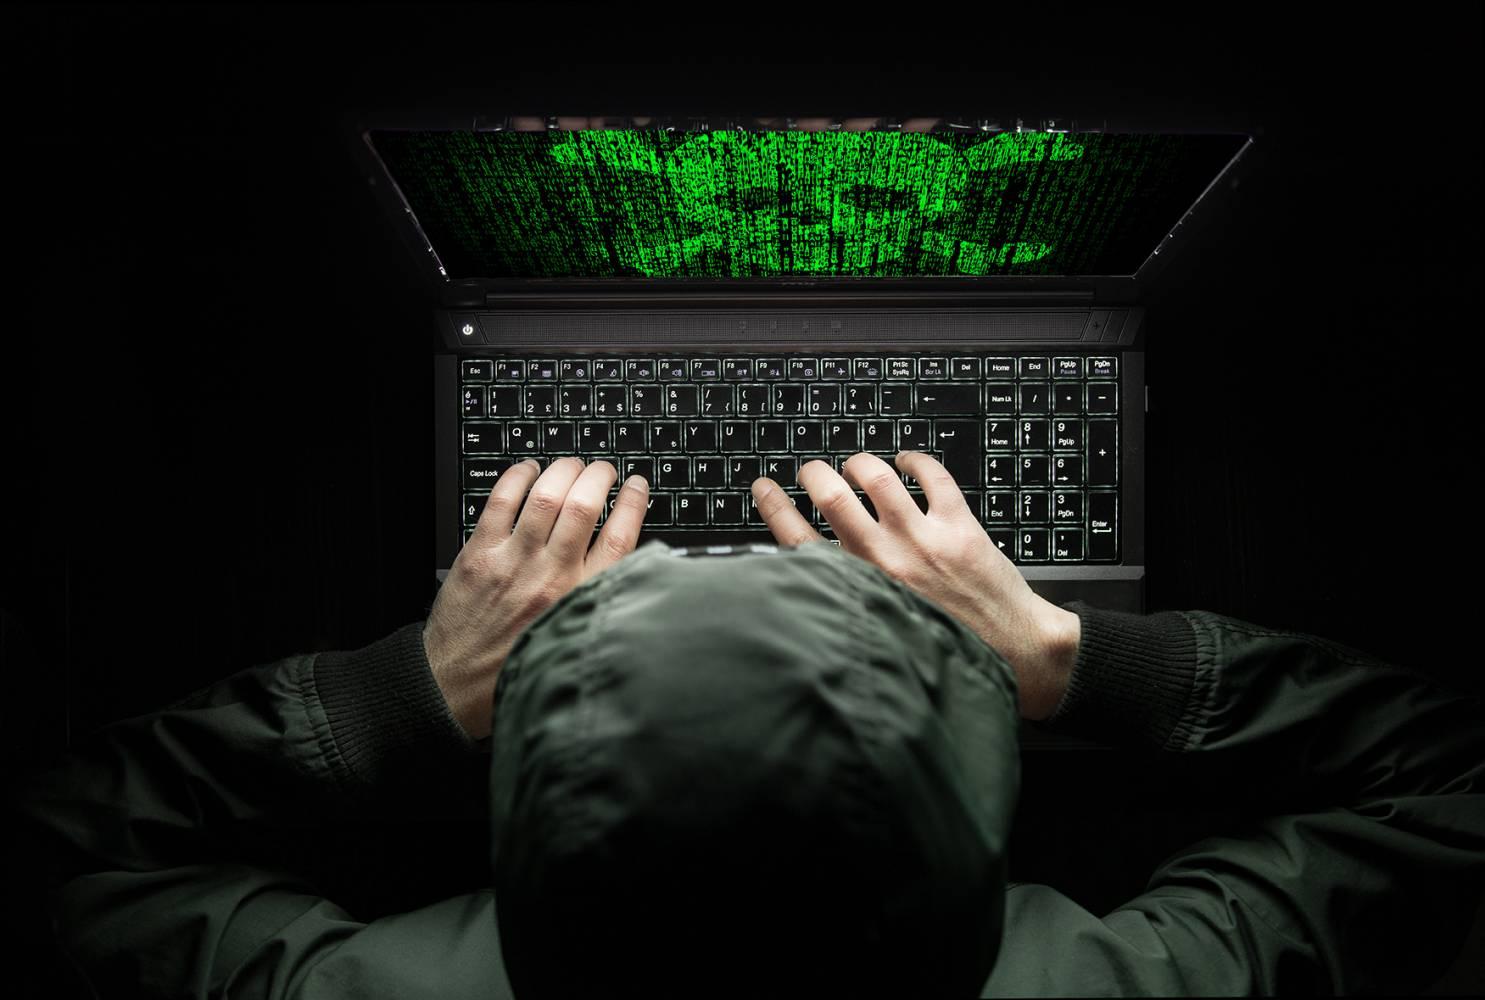 Mr. Robot или Анонимните? Чие дело са най-големите хакерски атаки в историята на интернет?